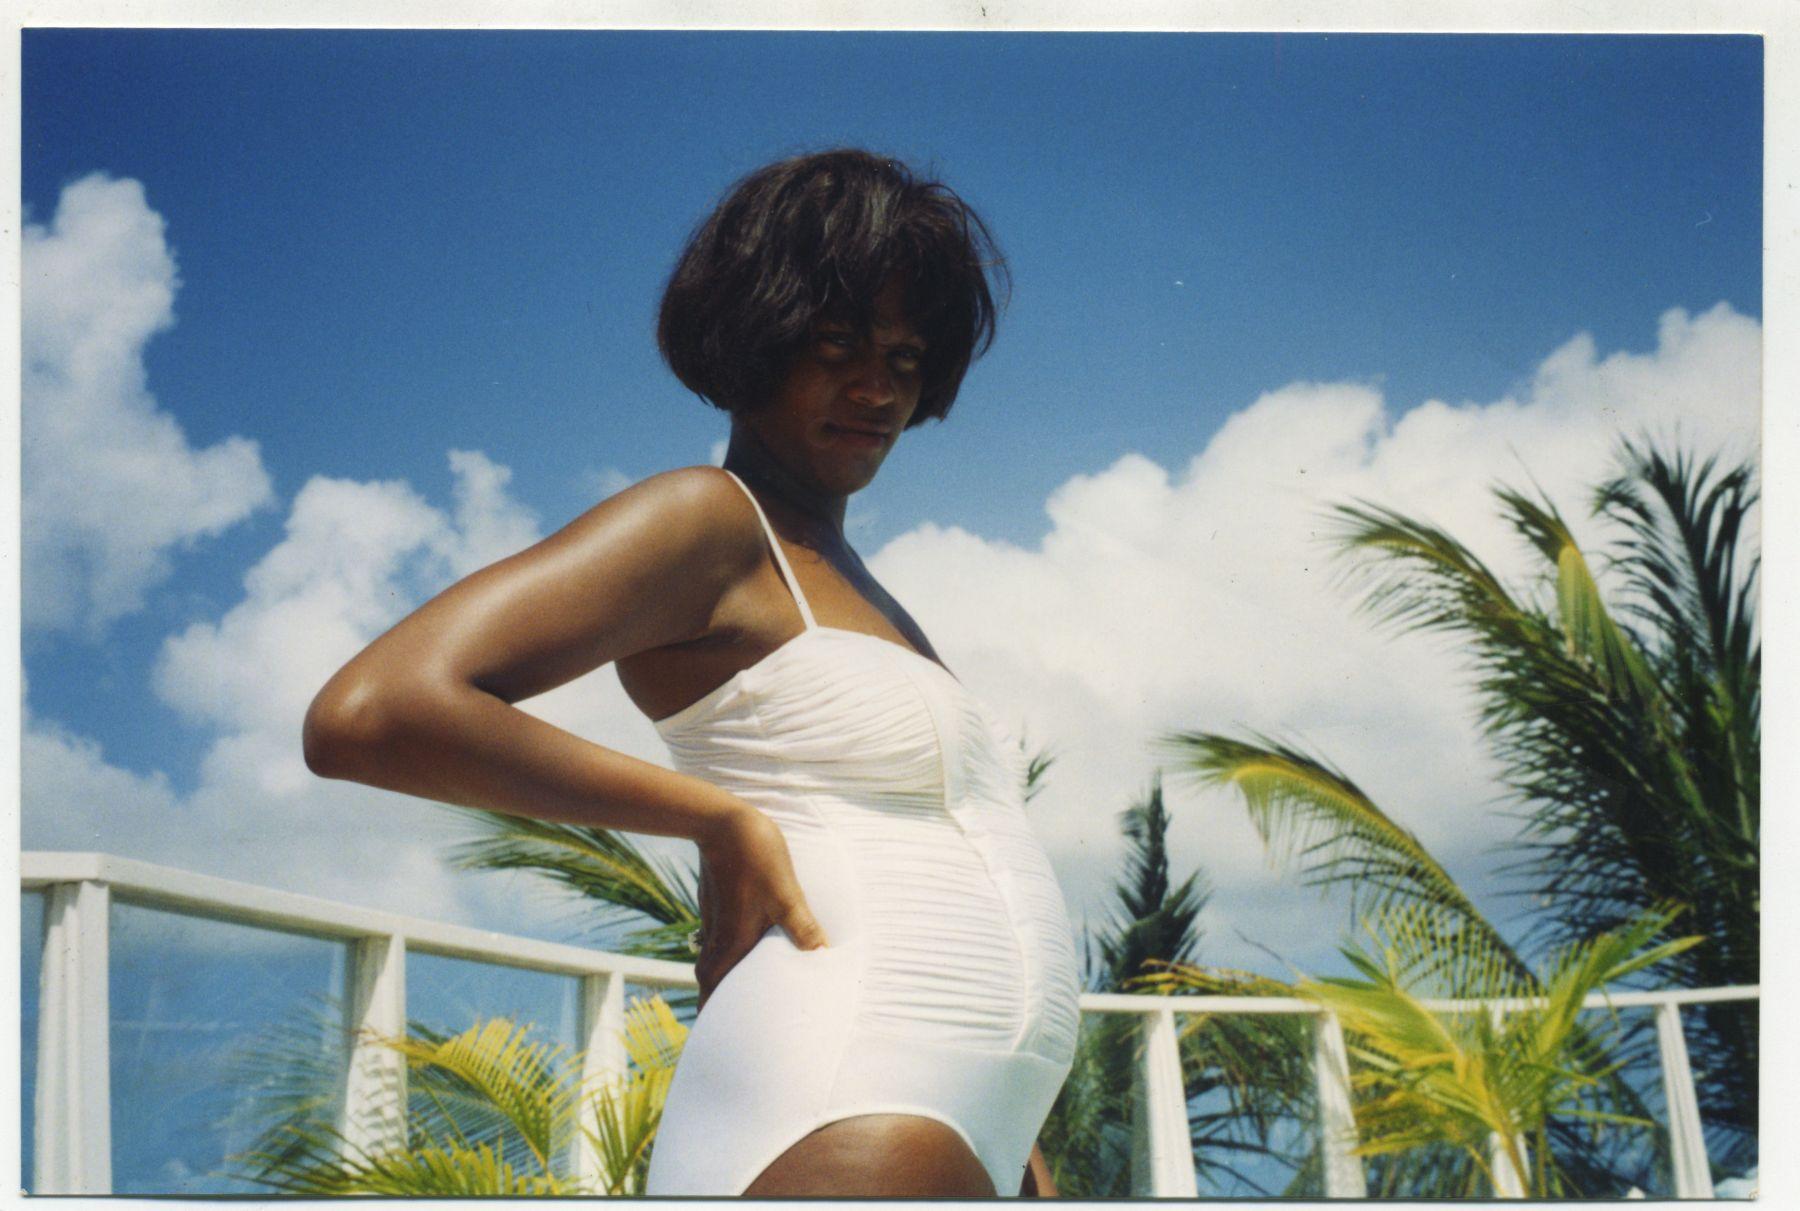 Whitney | Wieczne lato: Muzyka